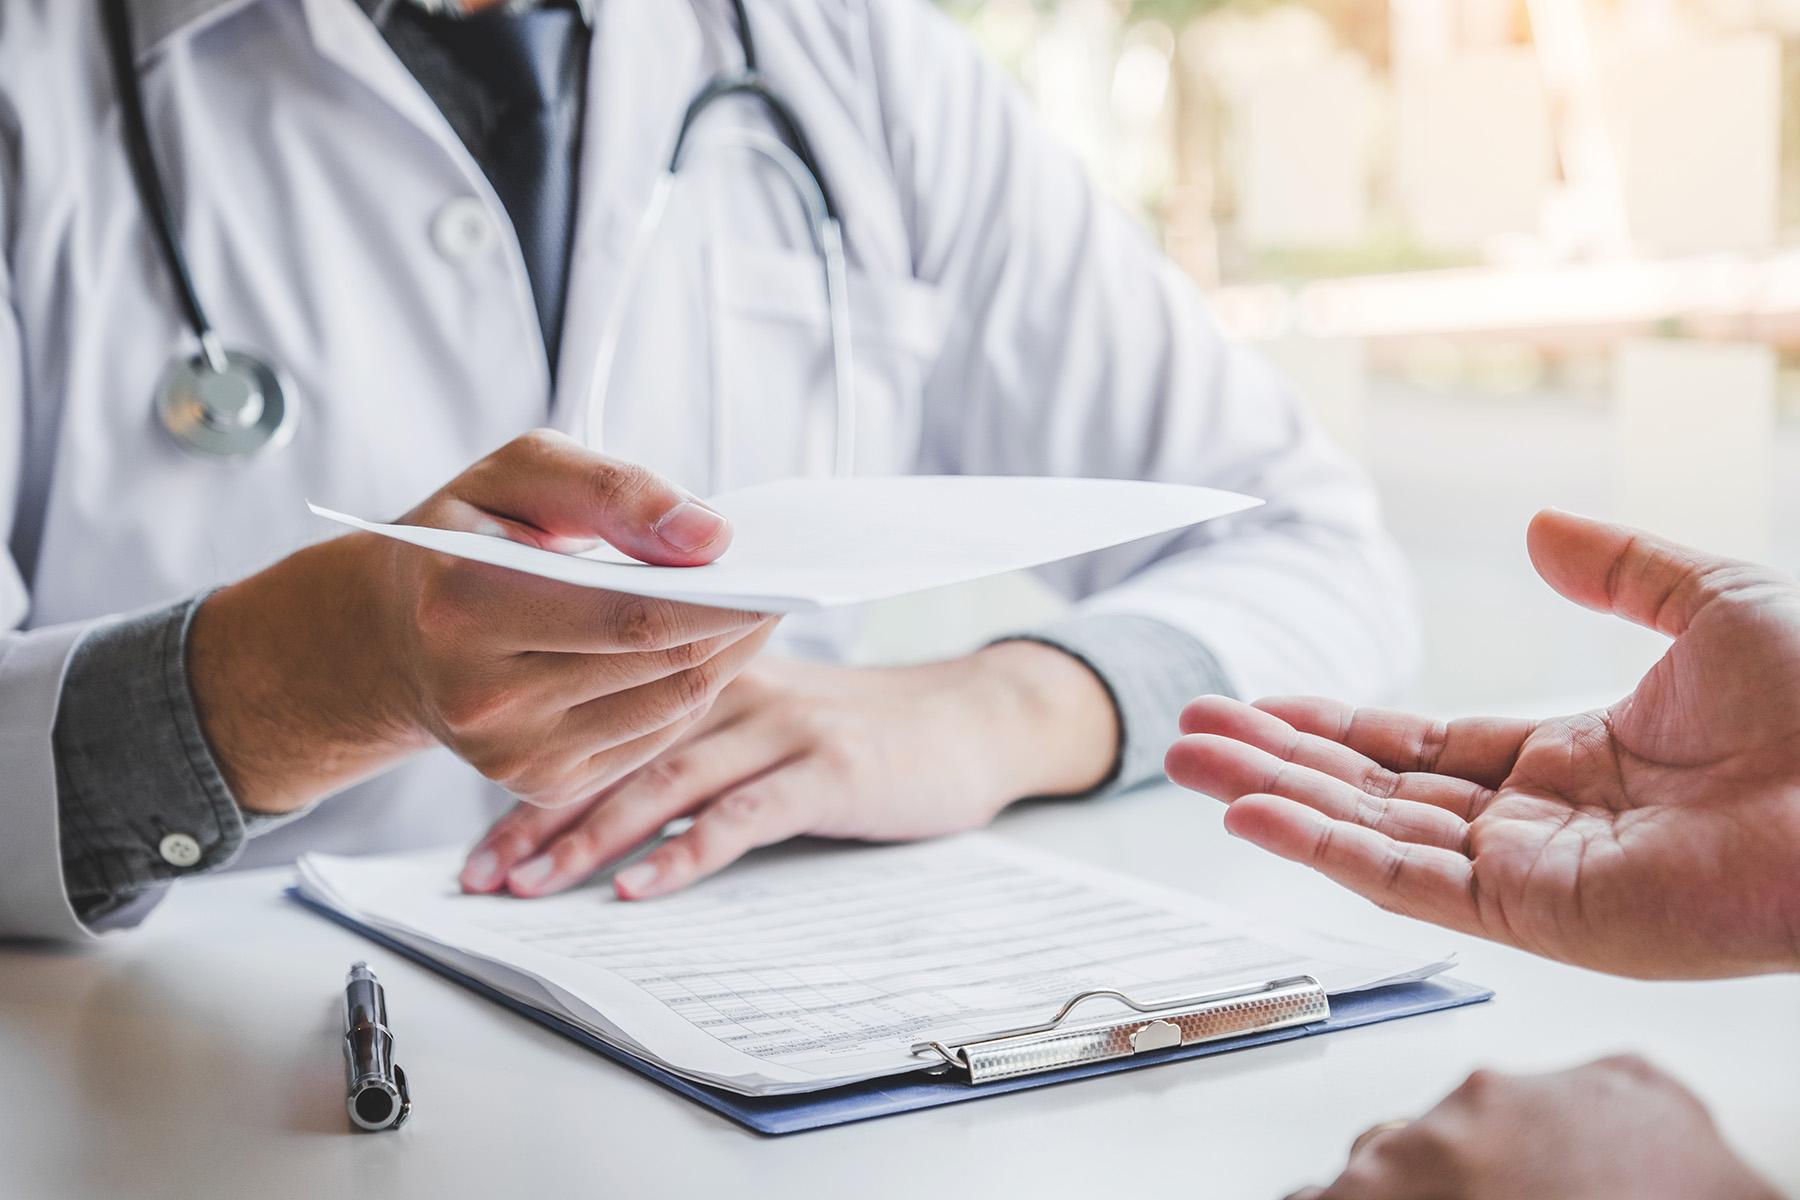 Berufsunfähigkeit beim Arzt, Feststellung